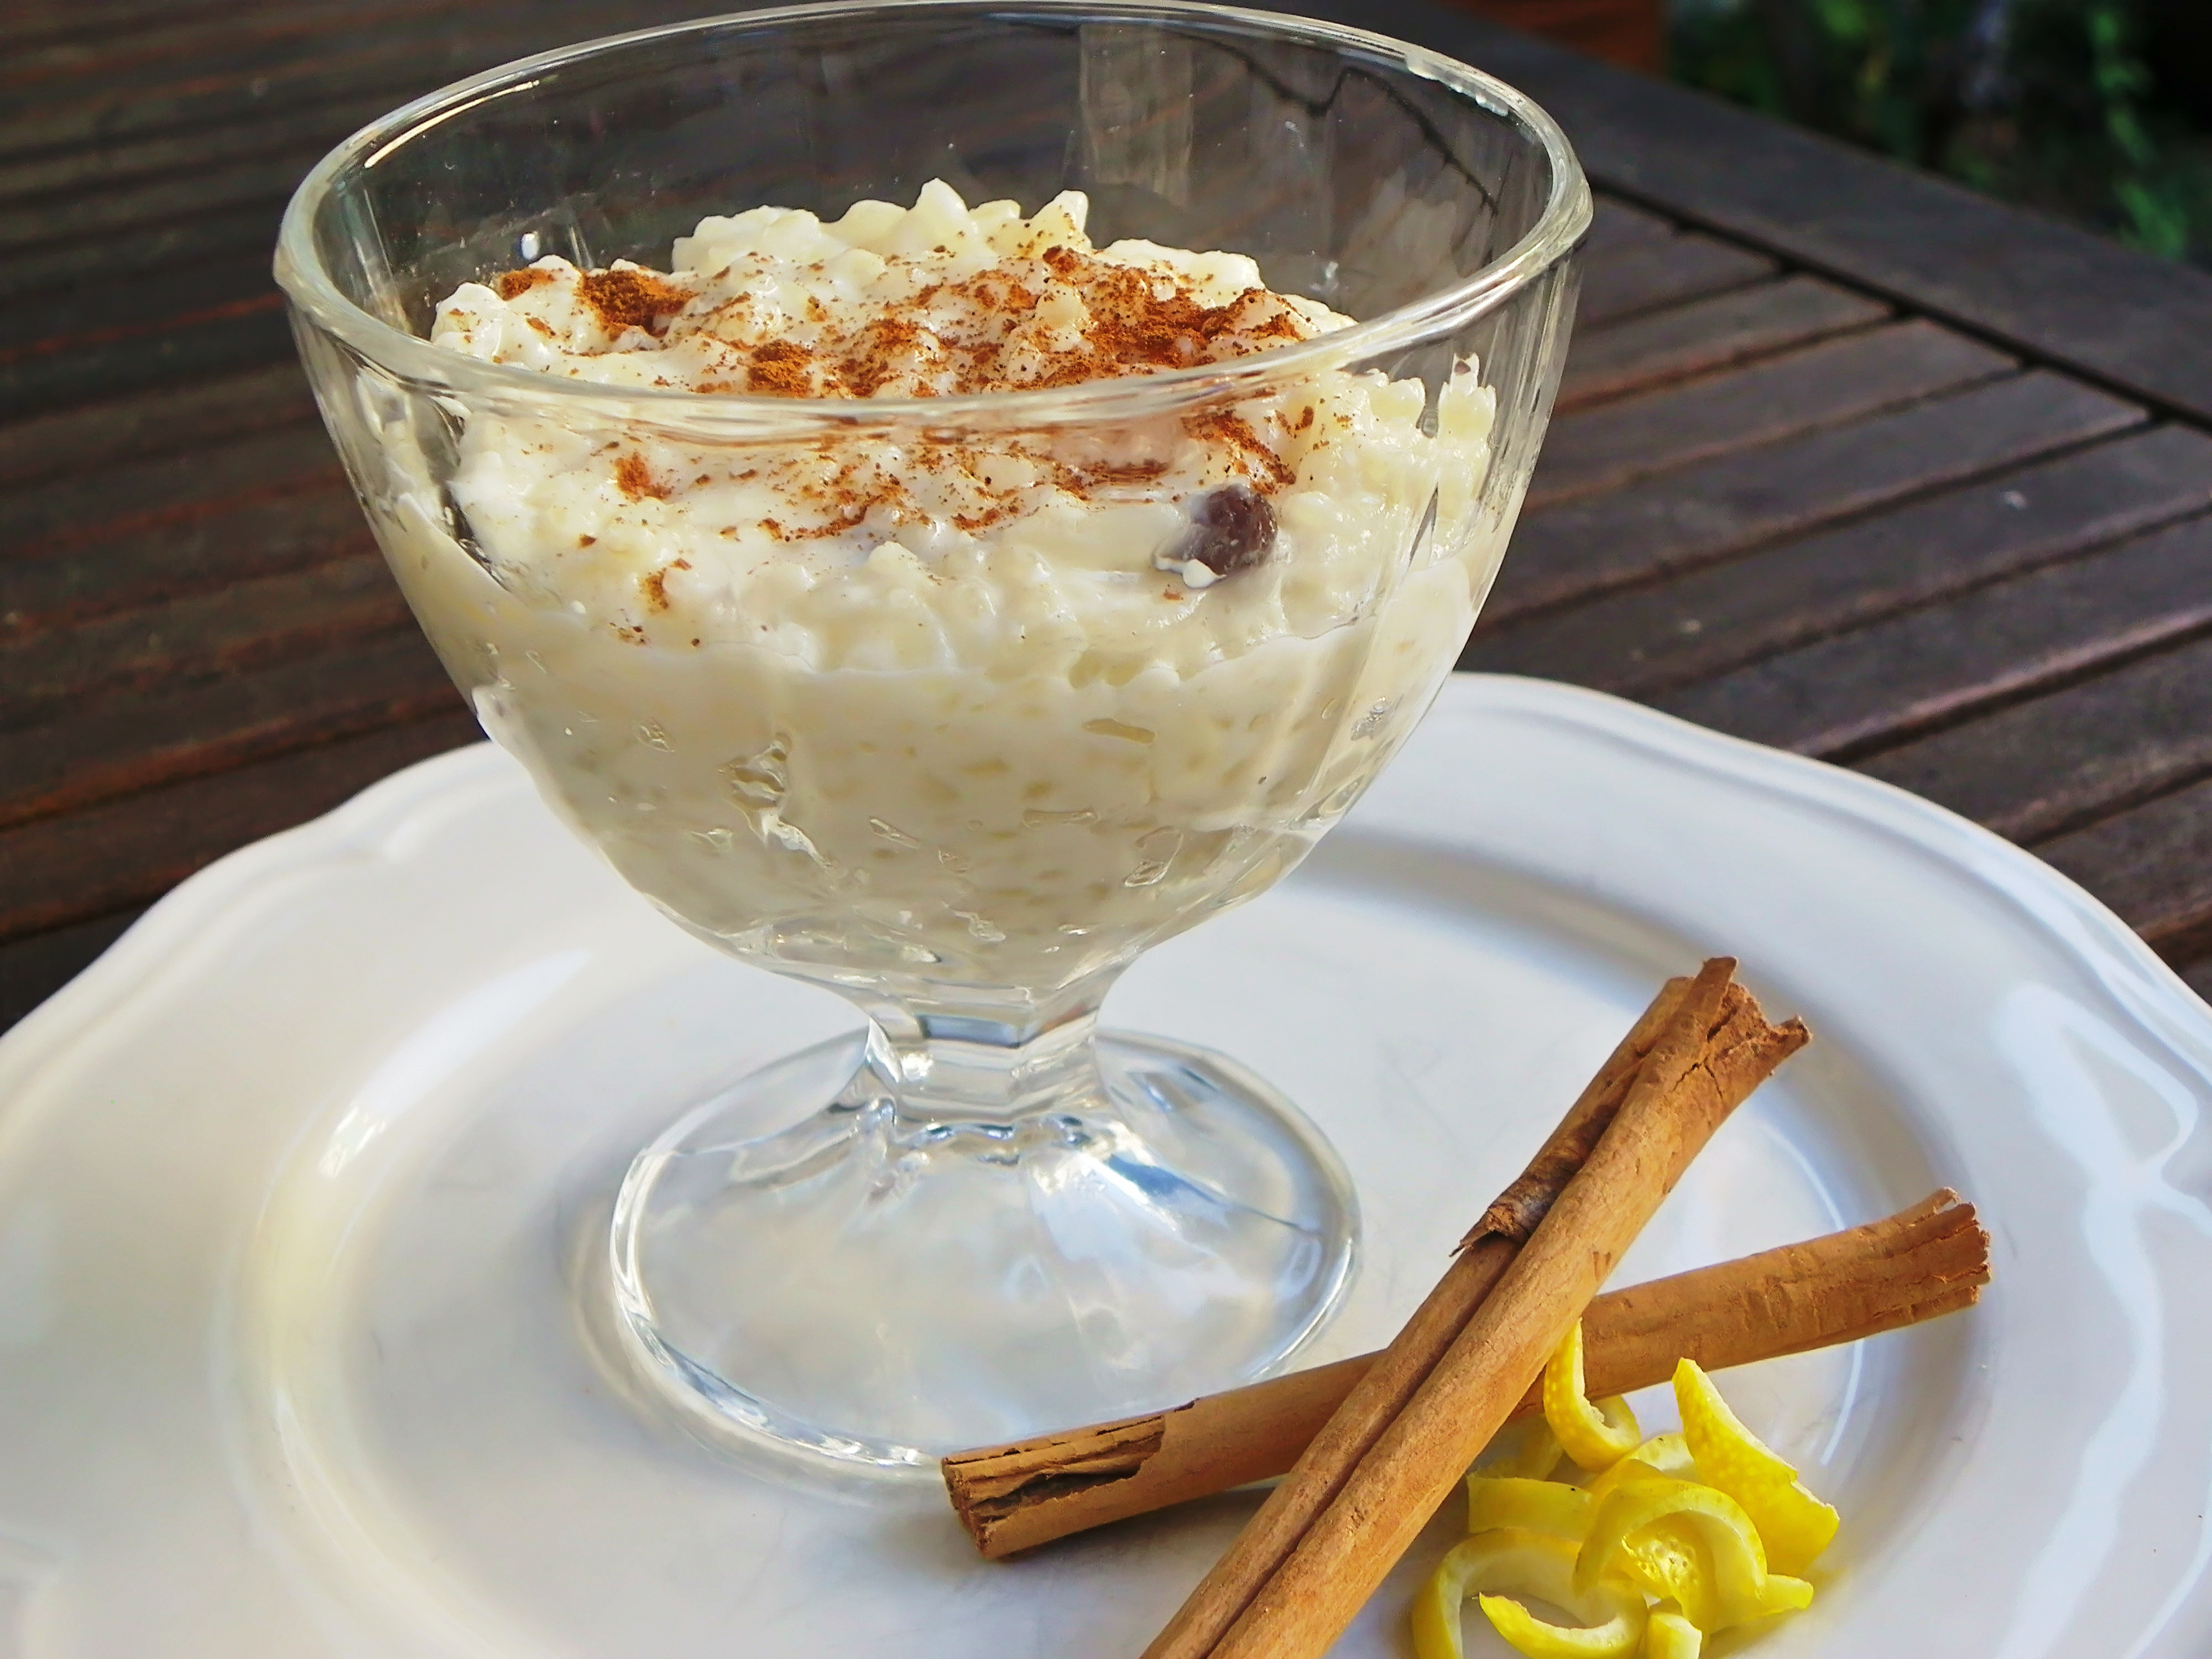 La mejor comida india de madrid. Arroz hasimiri pilau. - Picture ...